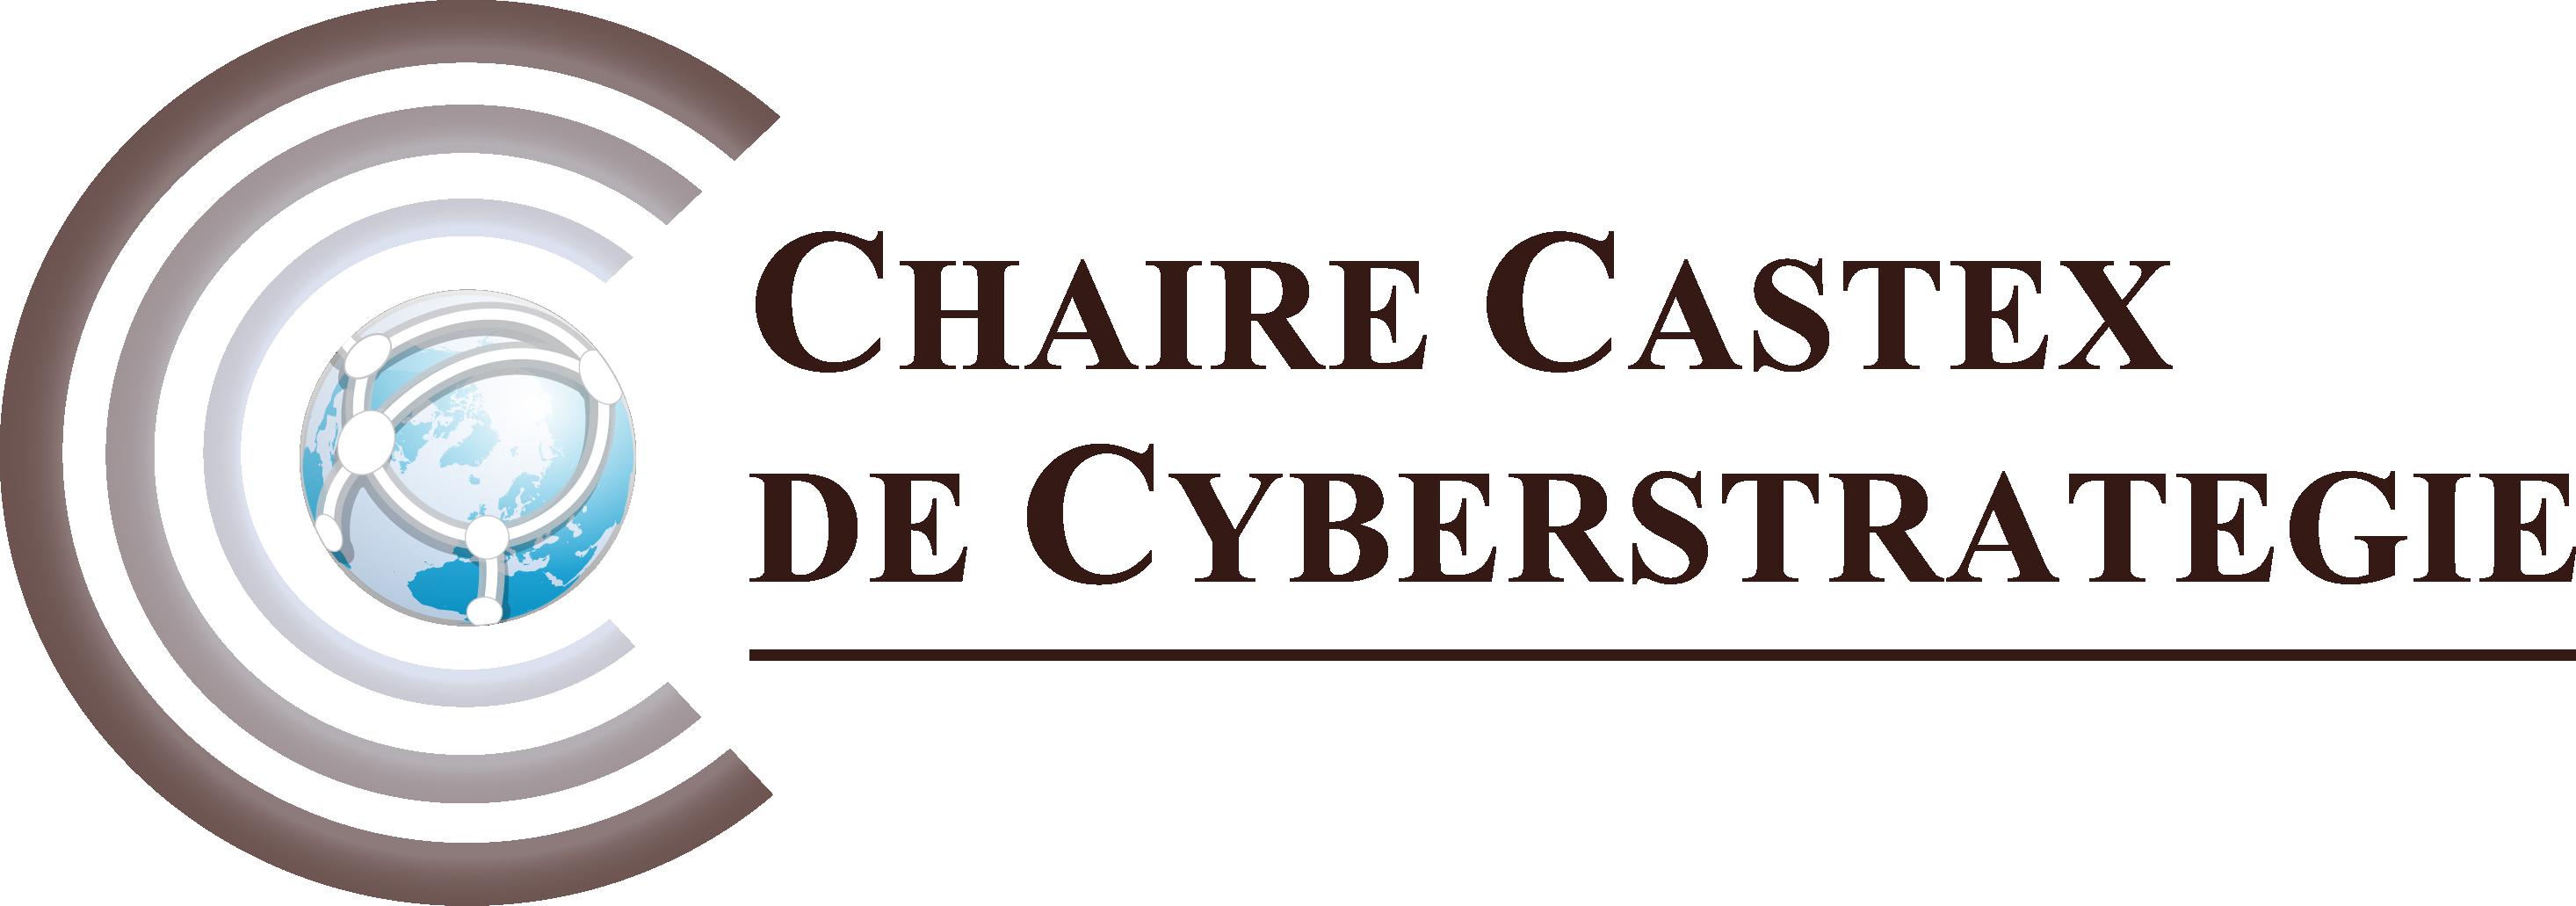 Chaire Castex de Cyberstratégie